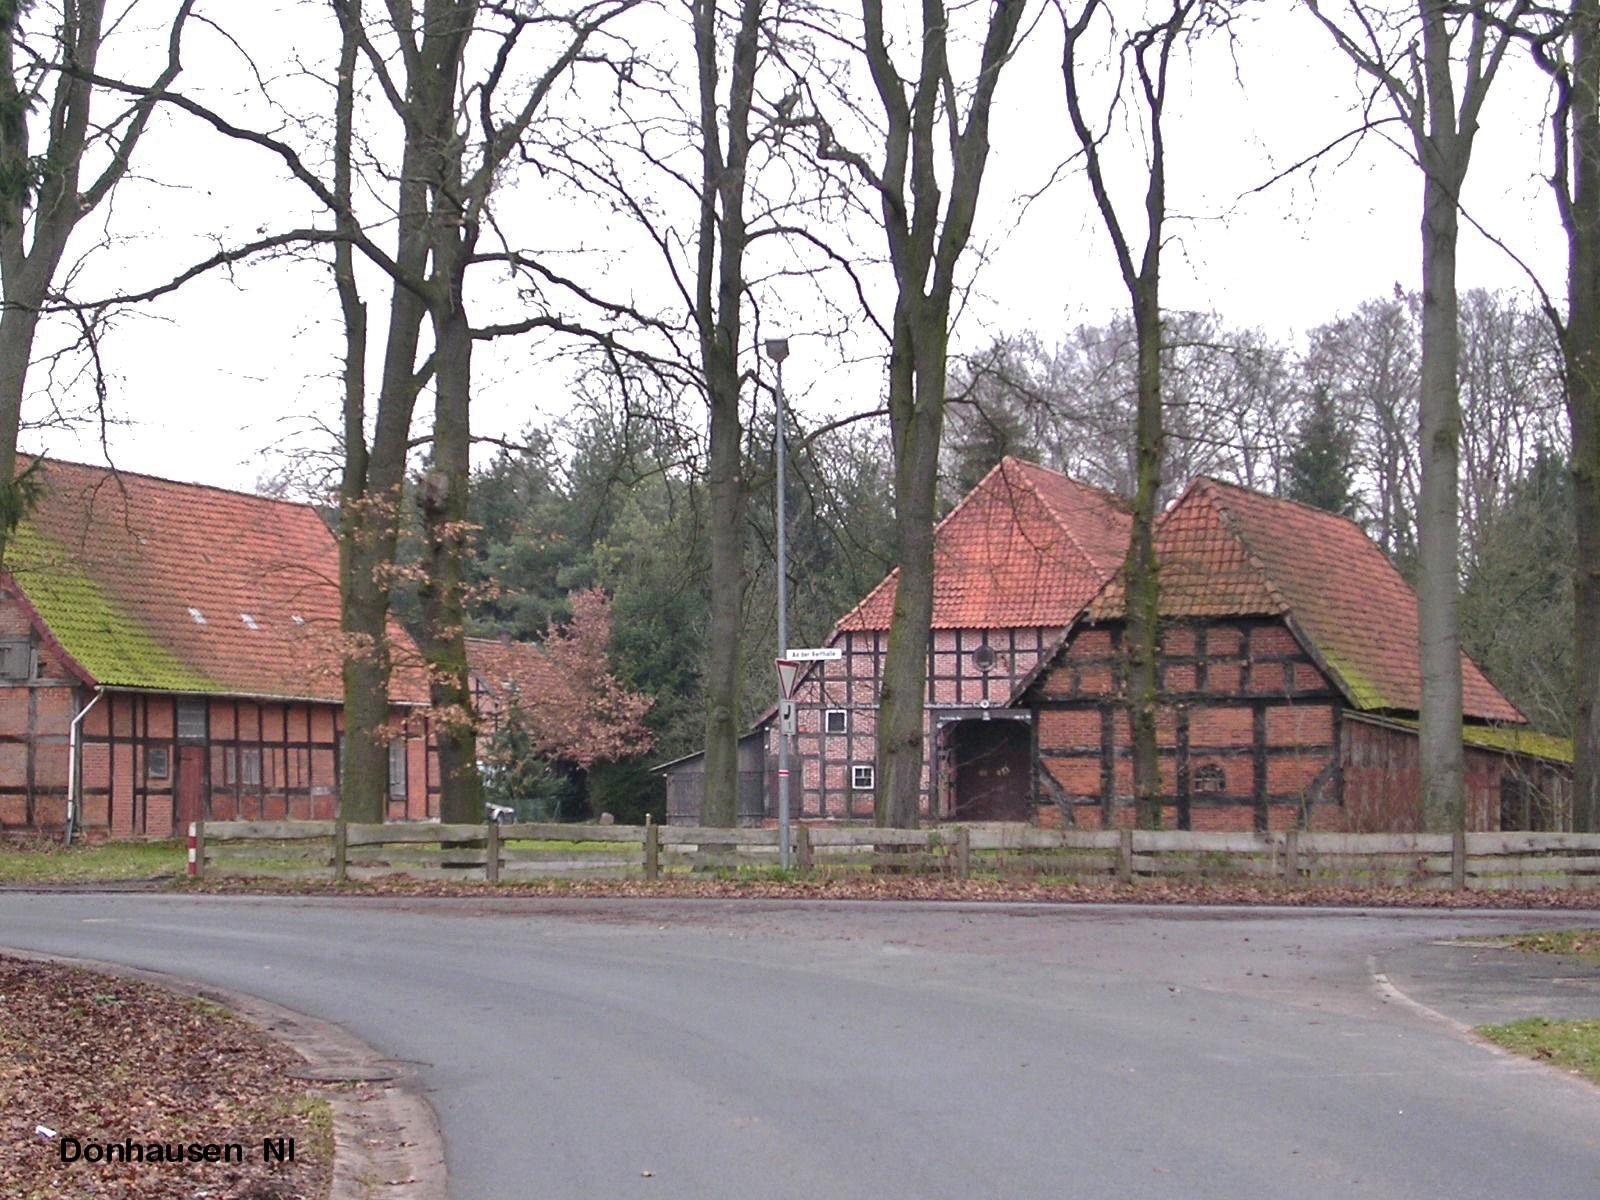 a-doenhausen-ni